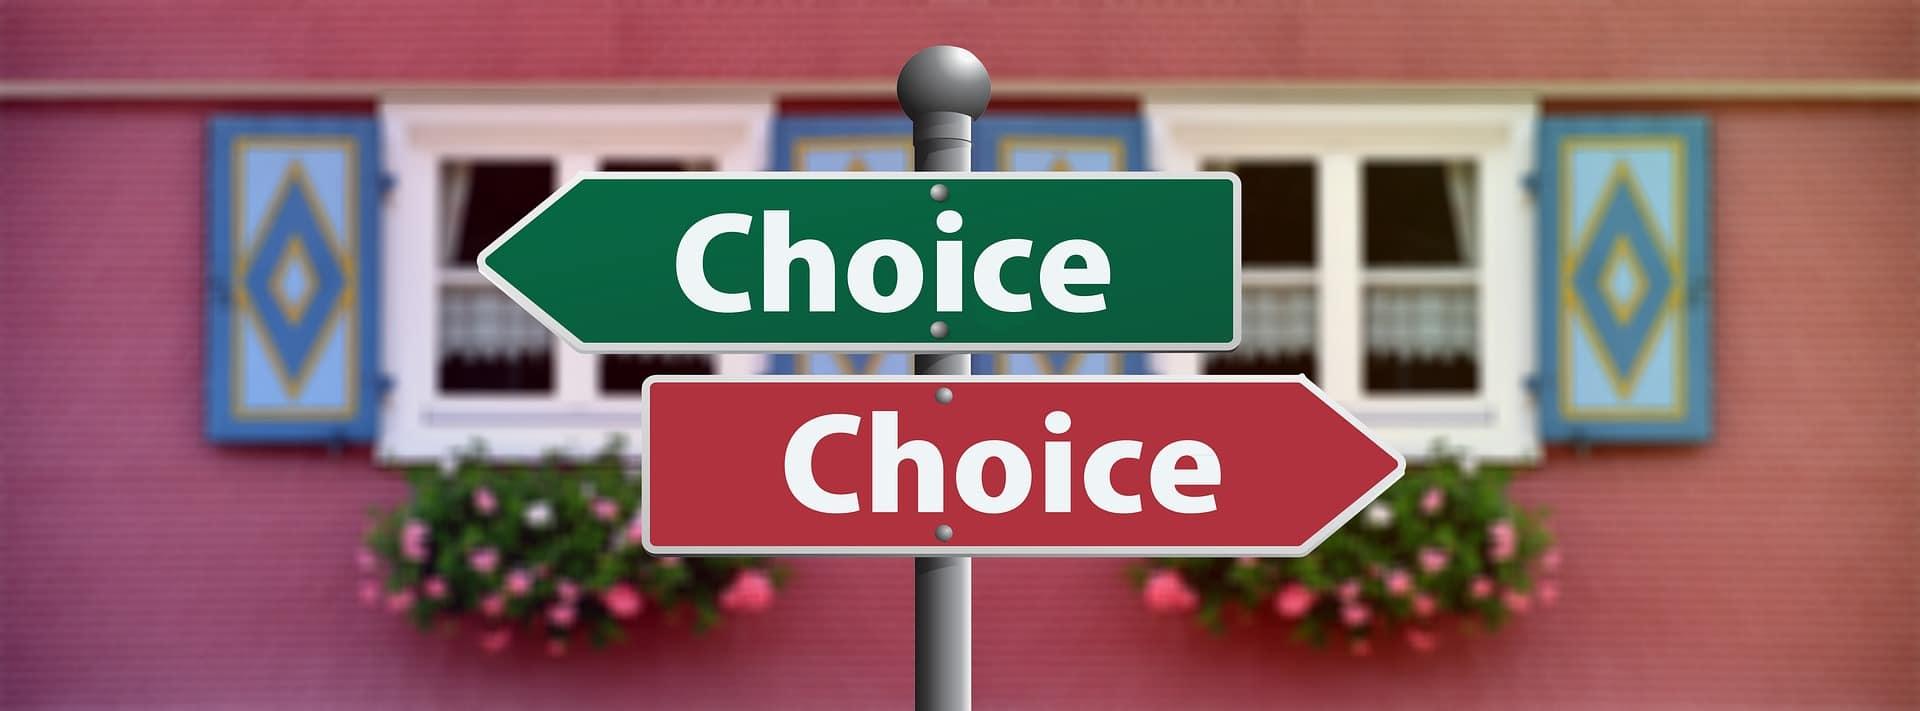 """Placas apontando em sentido contrário, ambas com a palavra """"choice"""" (que significa escolha). A placa está na frente de uma janela com flores."""